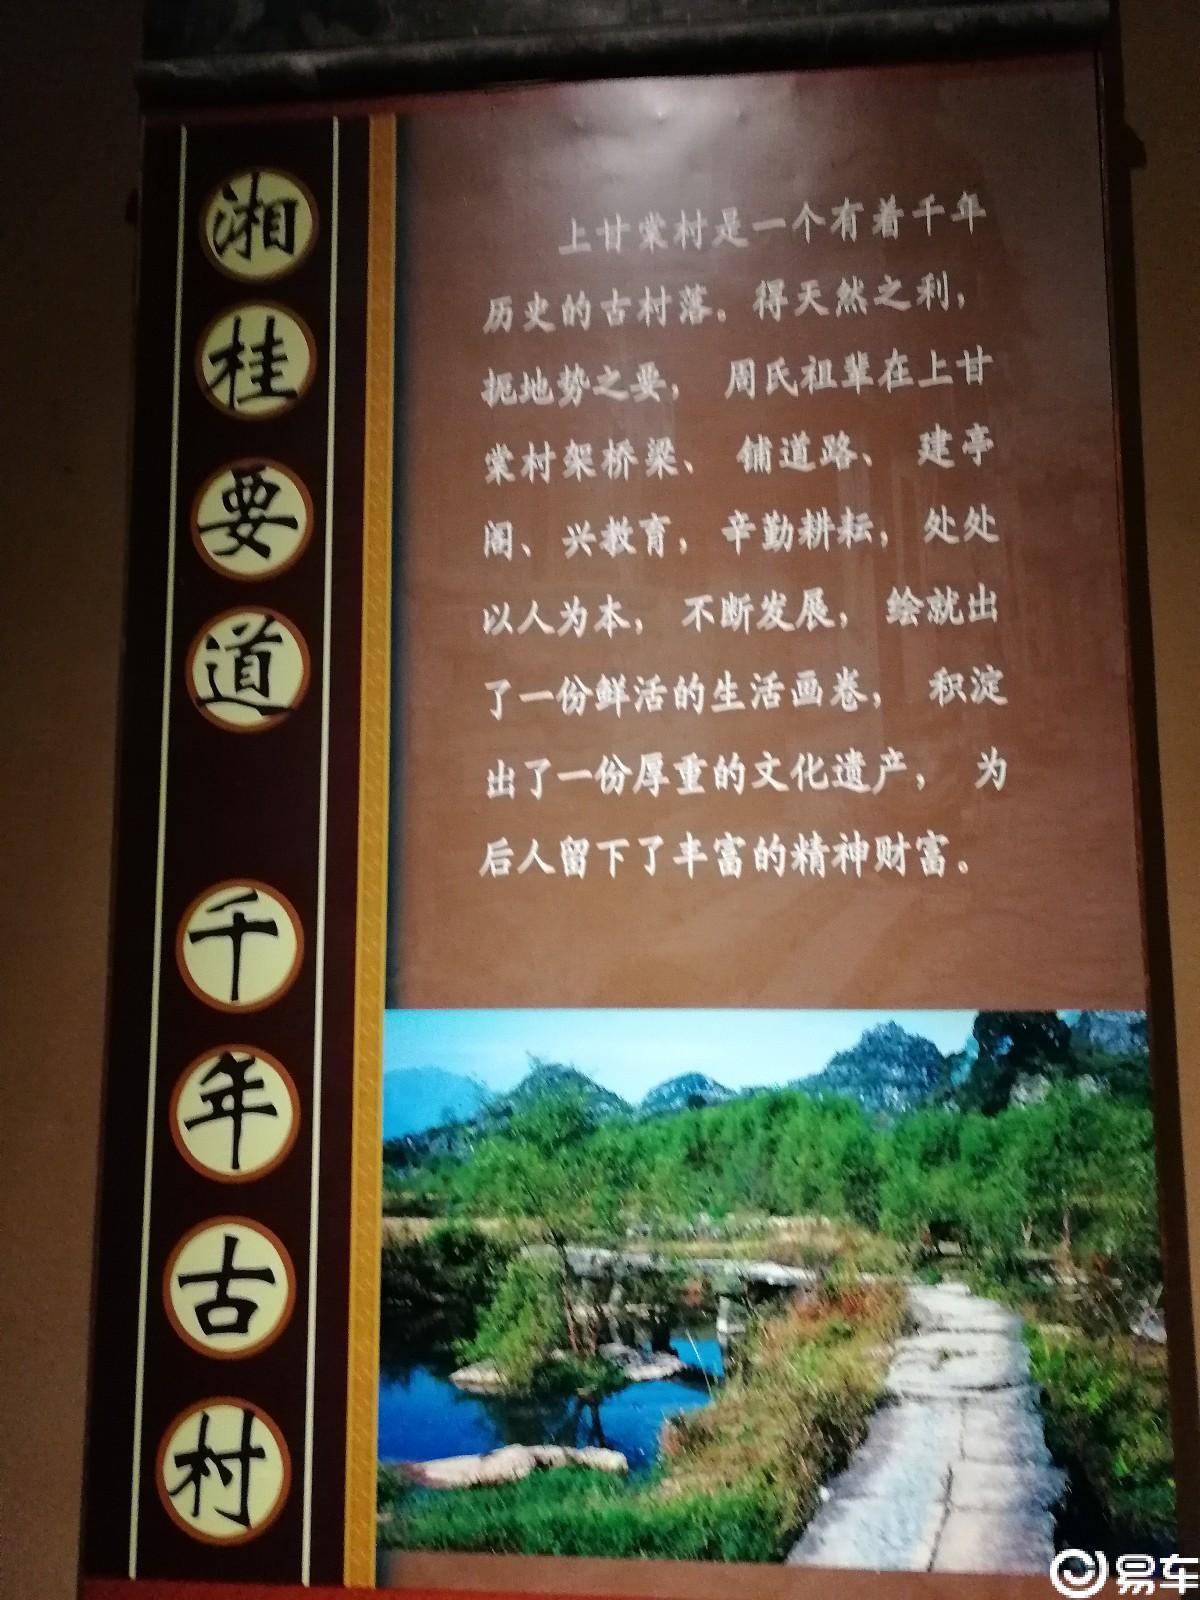 #潮生活#感受千年的古村落-上甘棠